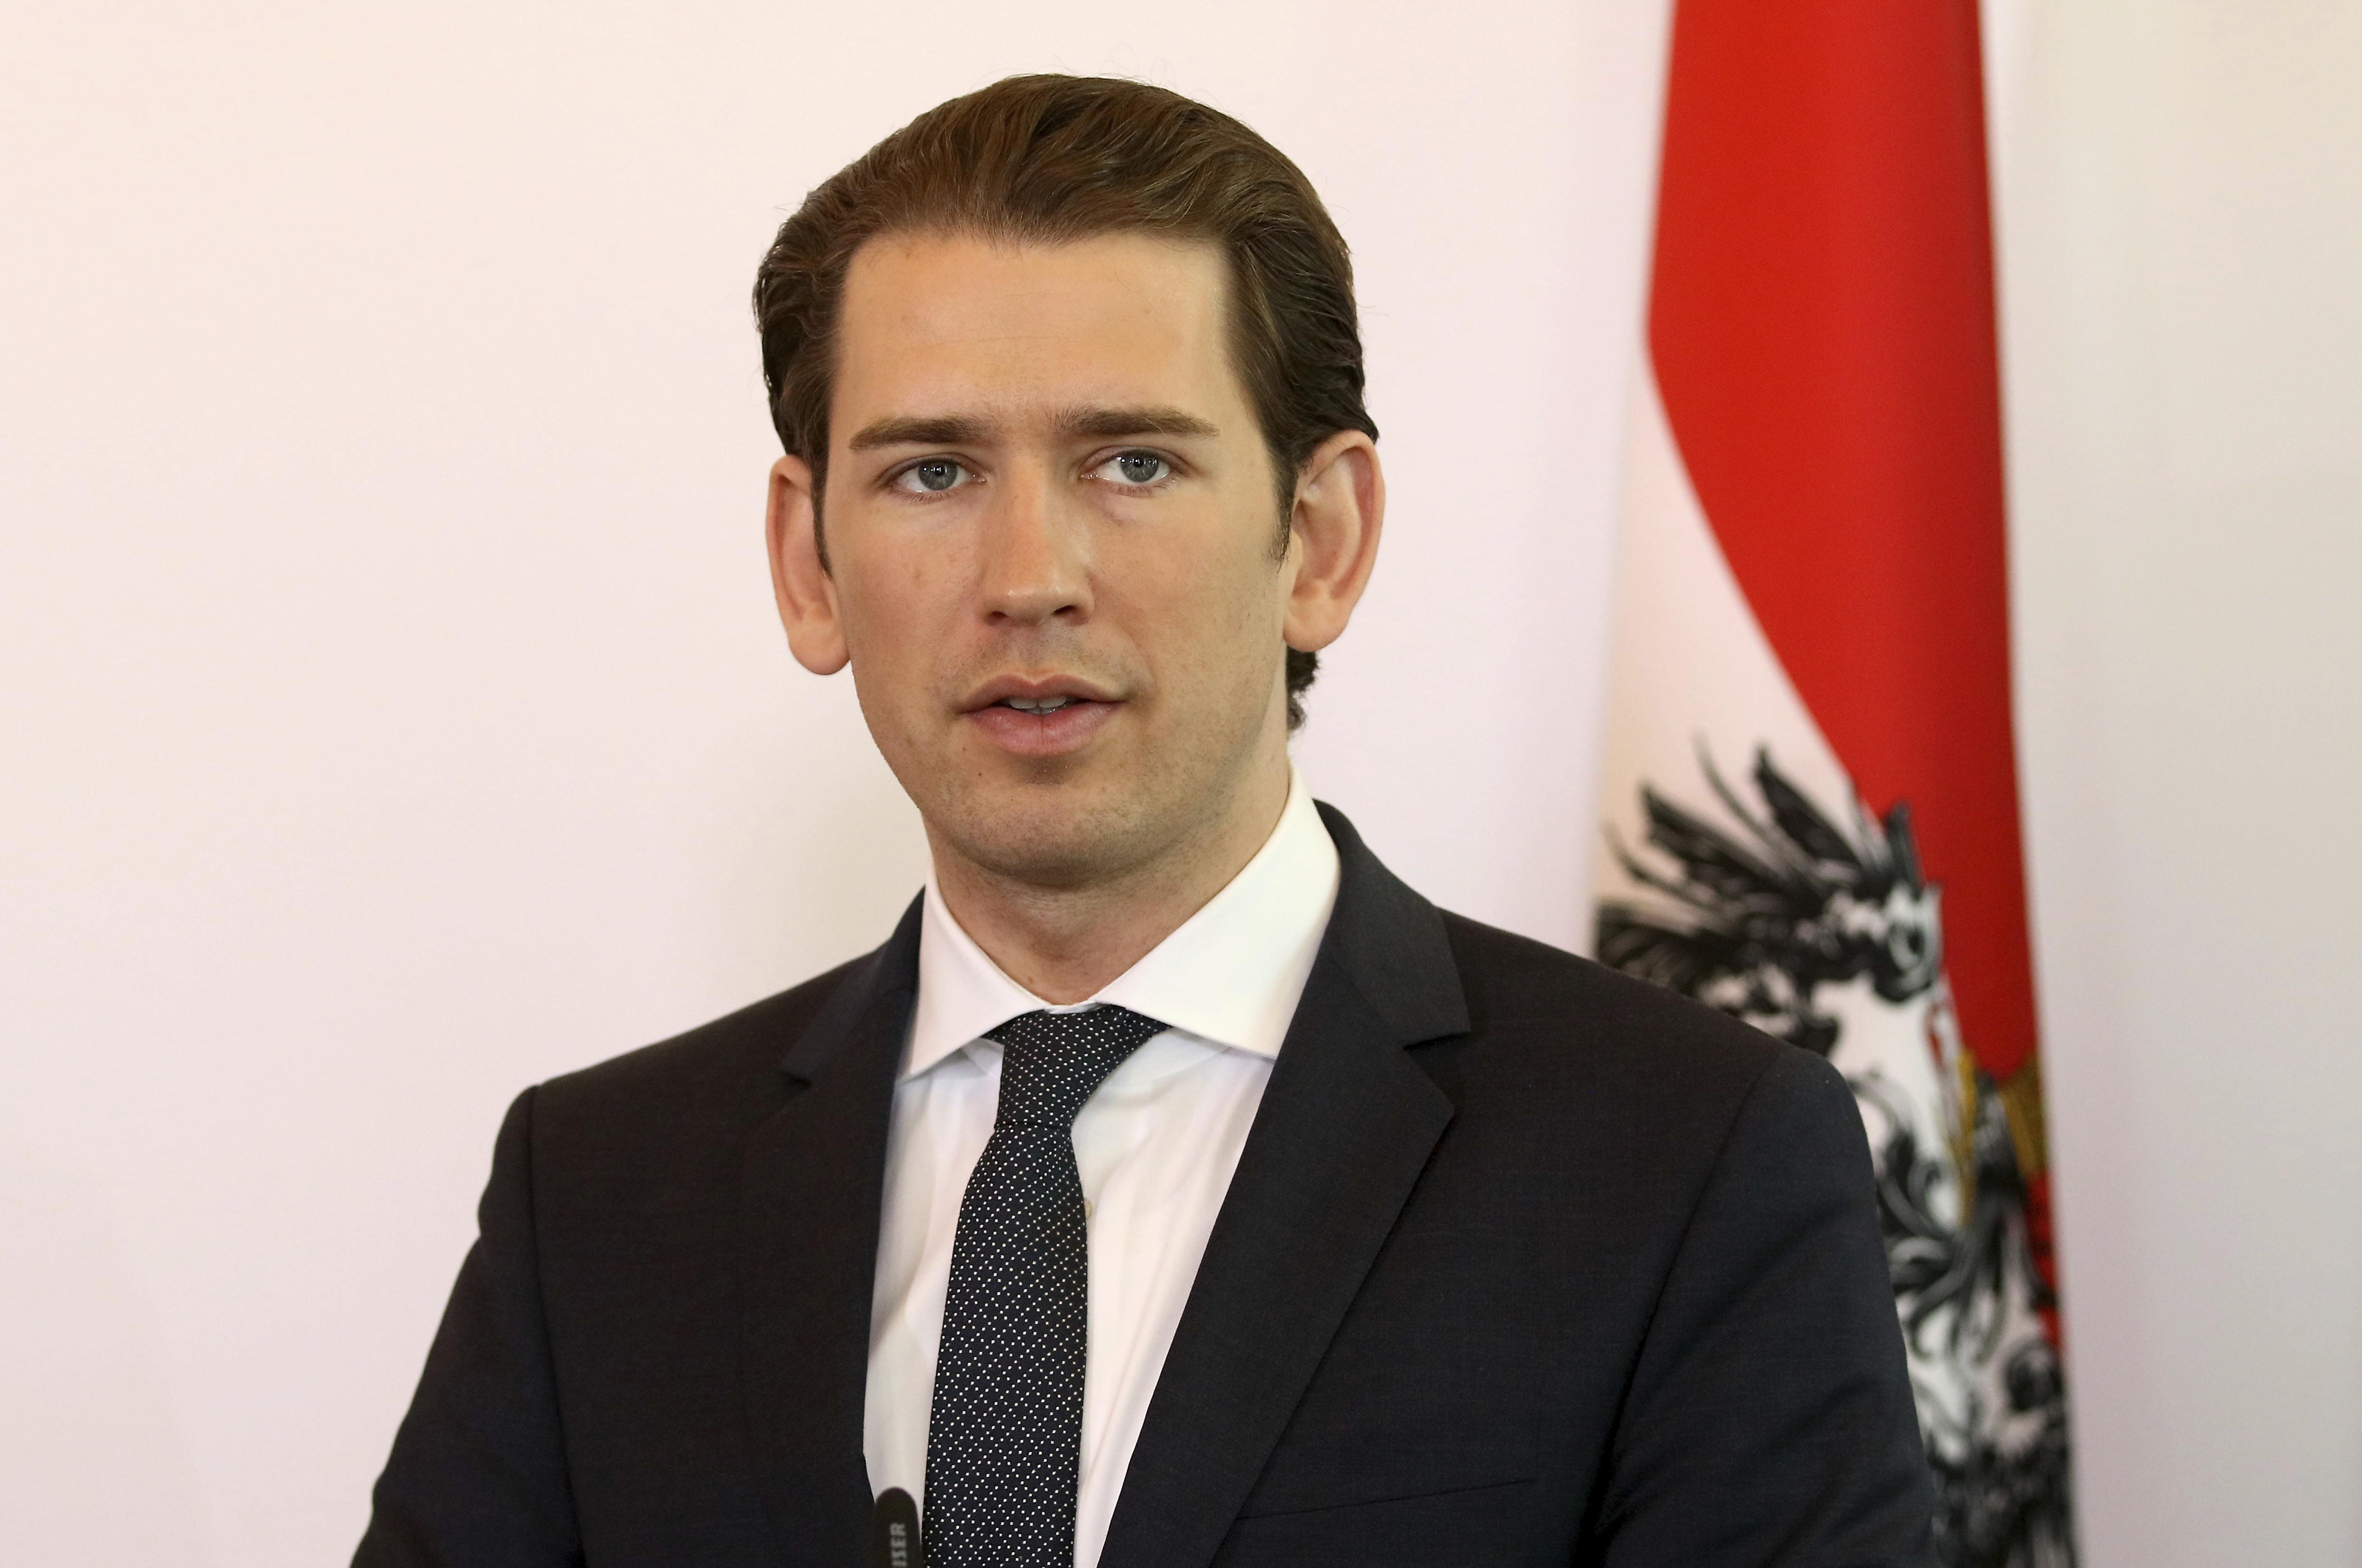 Az osztrák kancellár is felháborodott, hogy Hitler szülővárosának alpolgármestere patkányozós versben írt a migránsokról